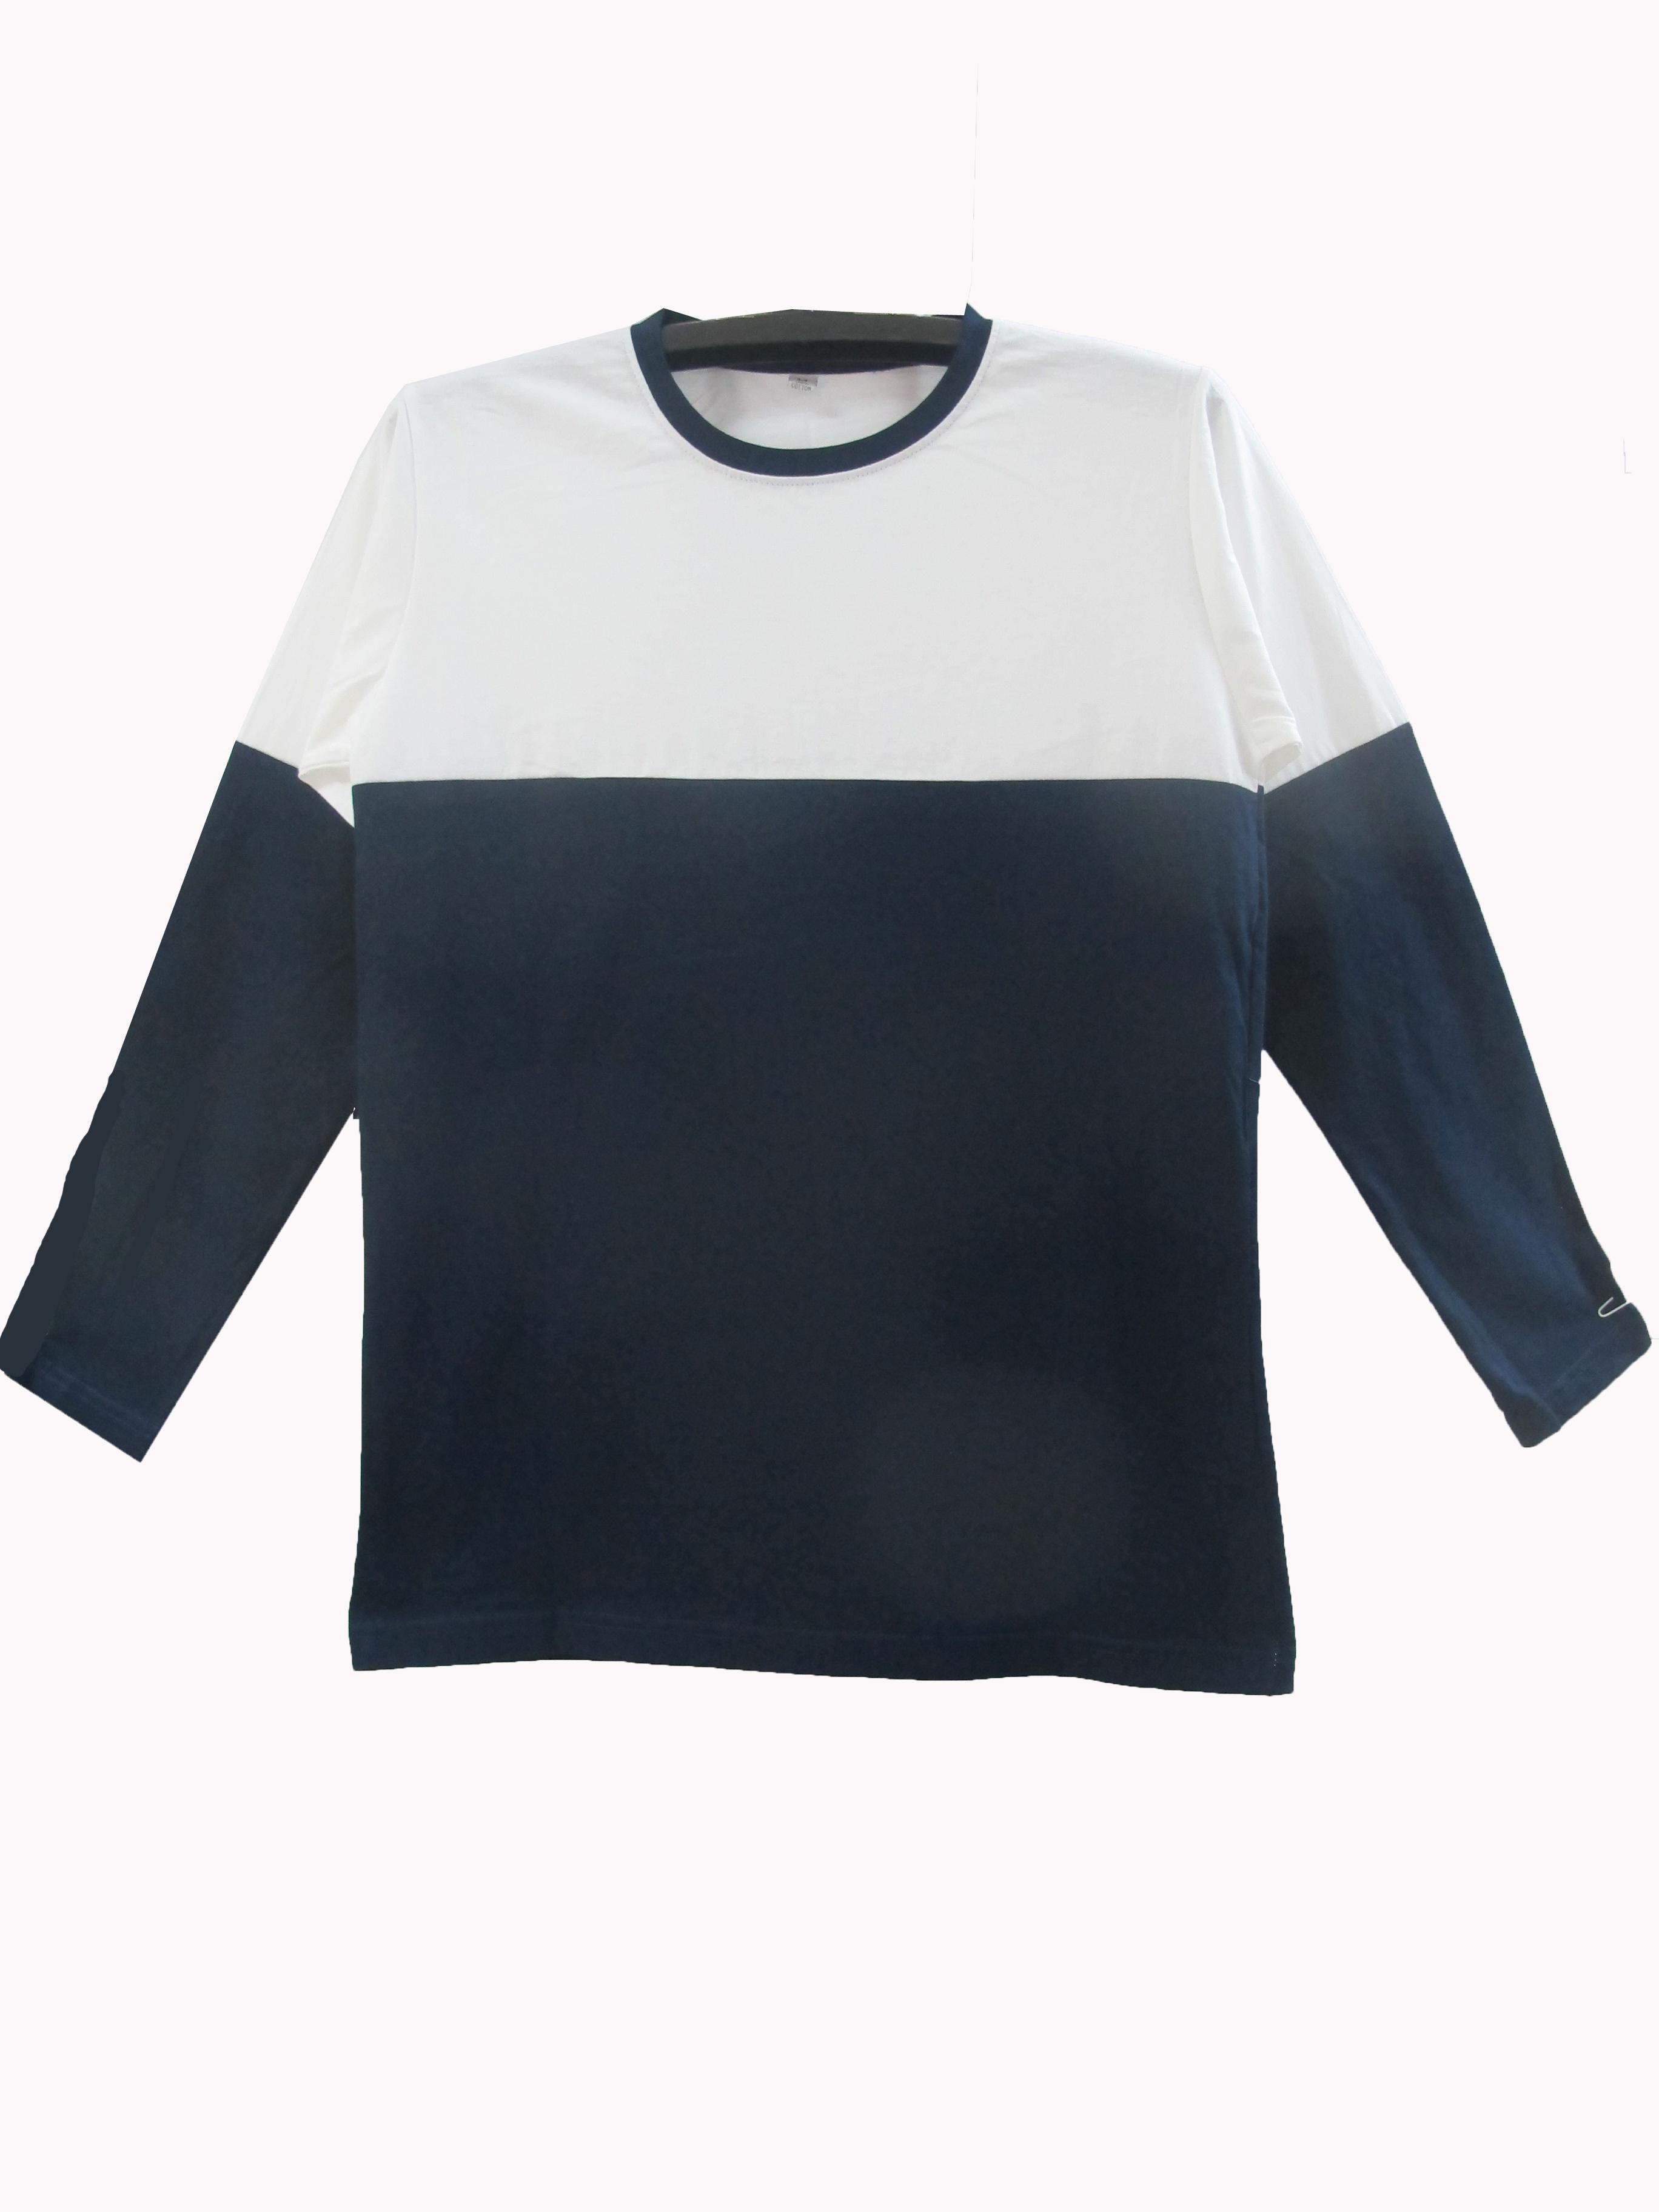 เสื้อแขนยาวตัดต่อข้างบนขาวข้างล่างสี สีกรม